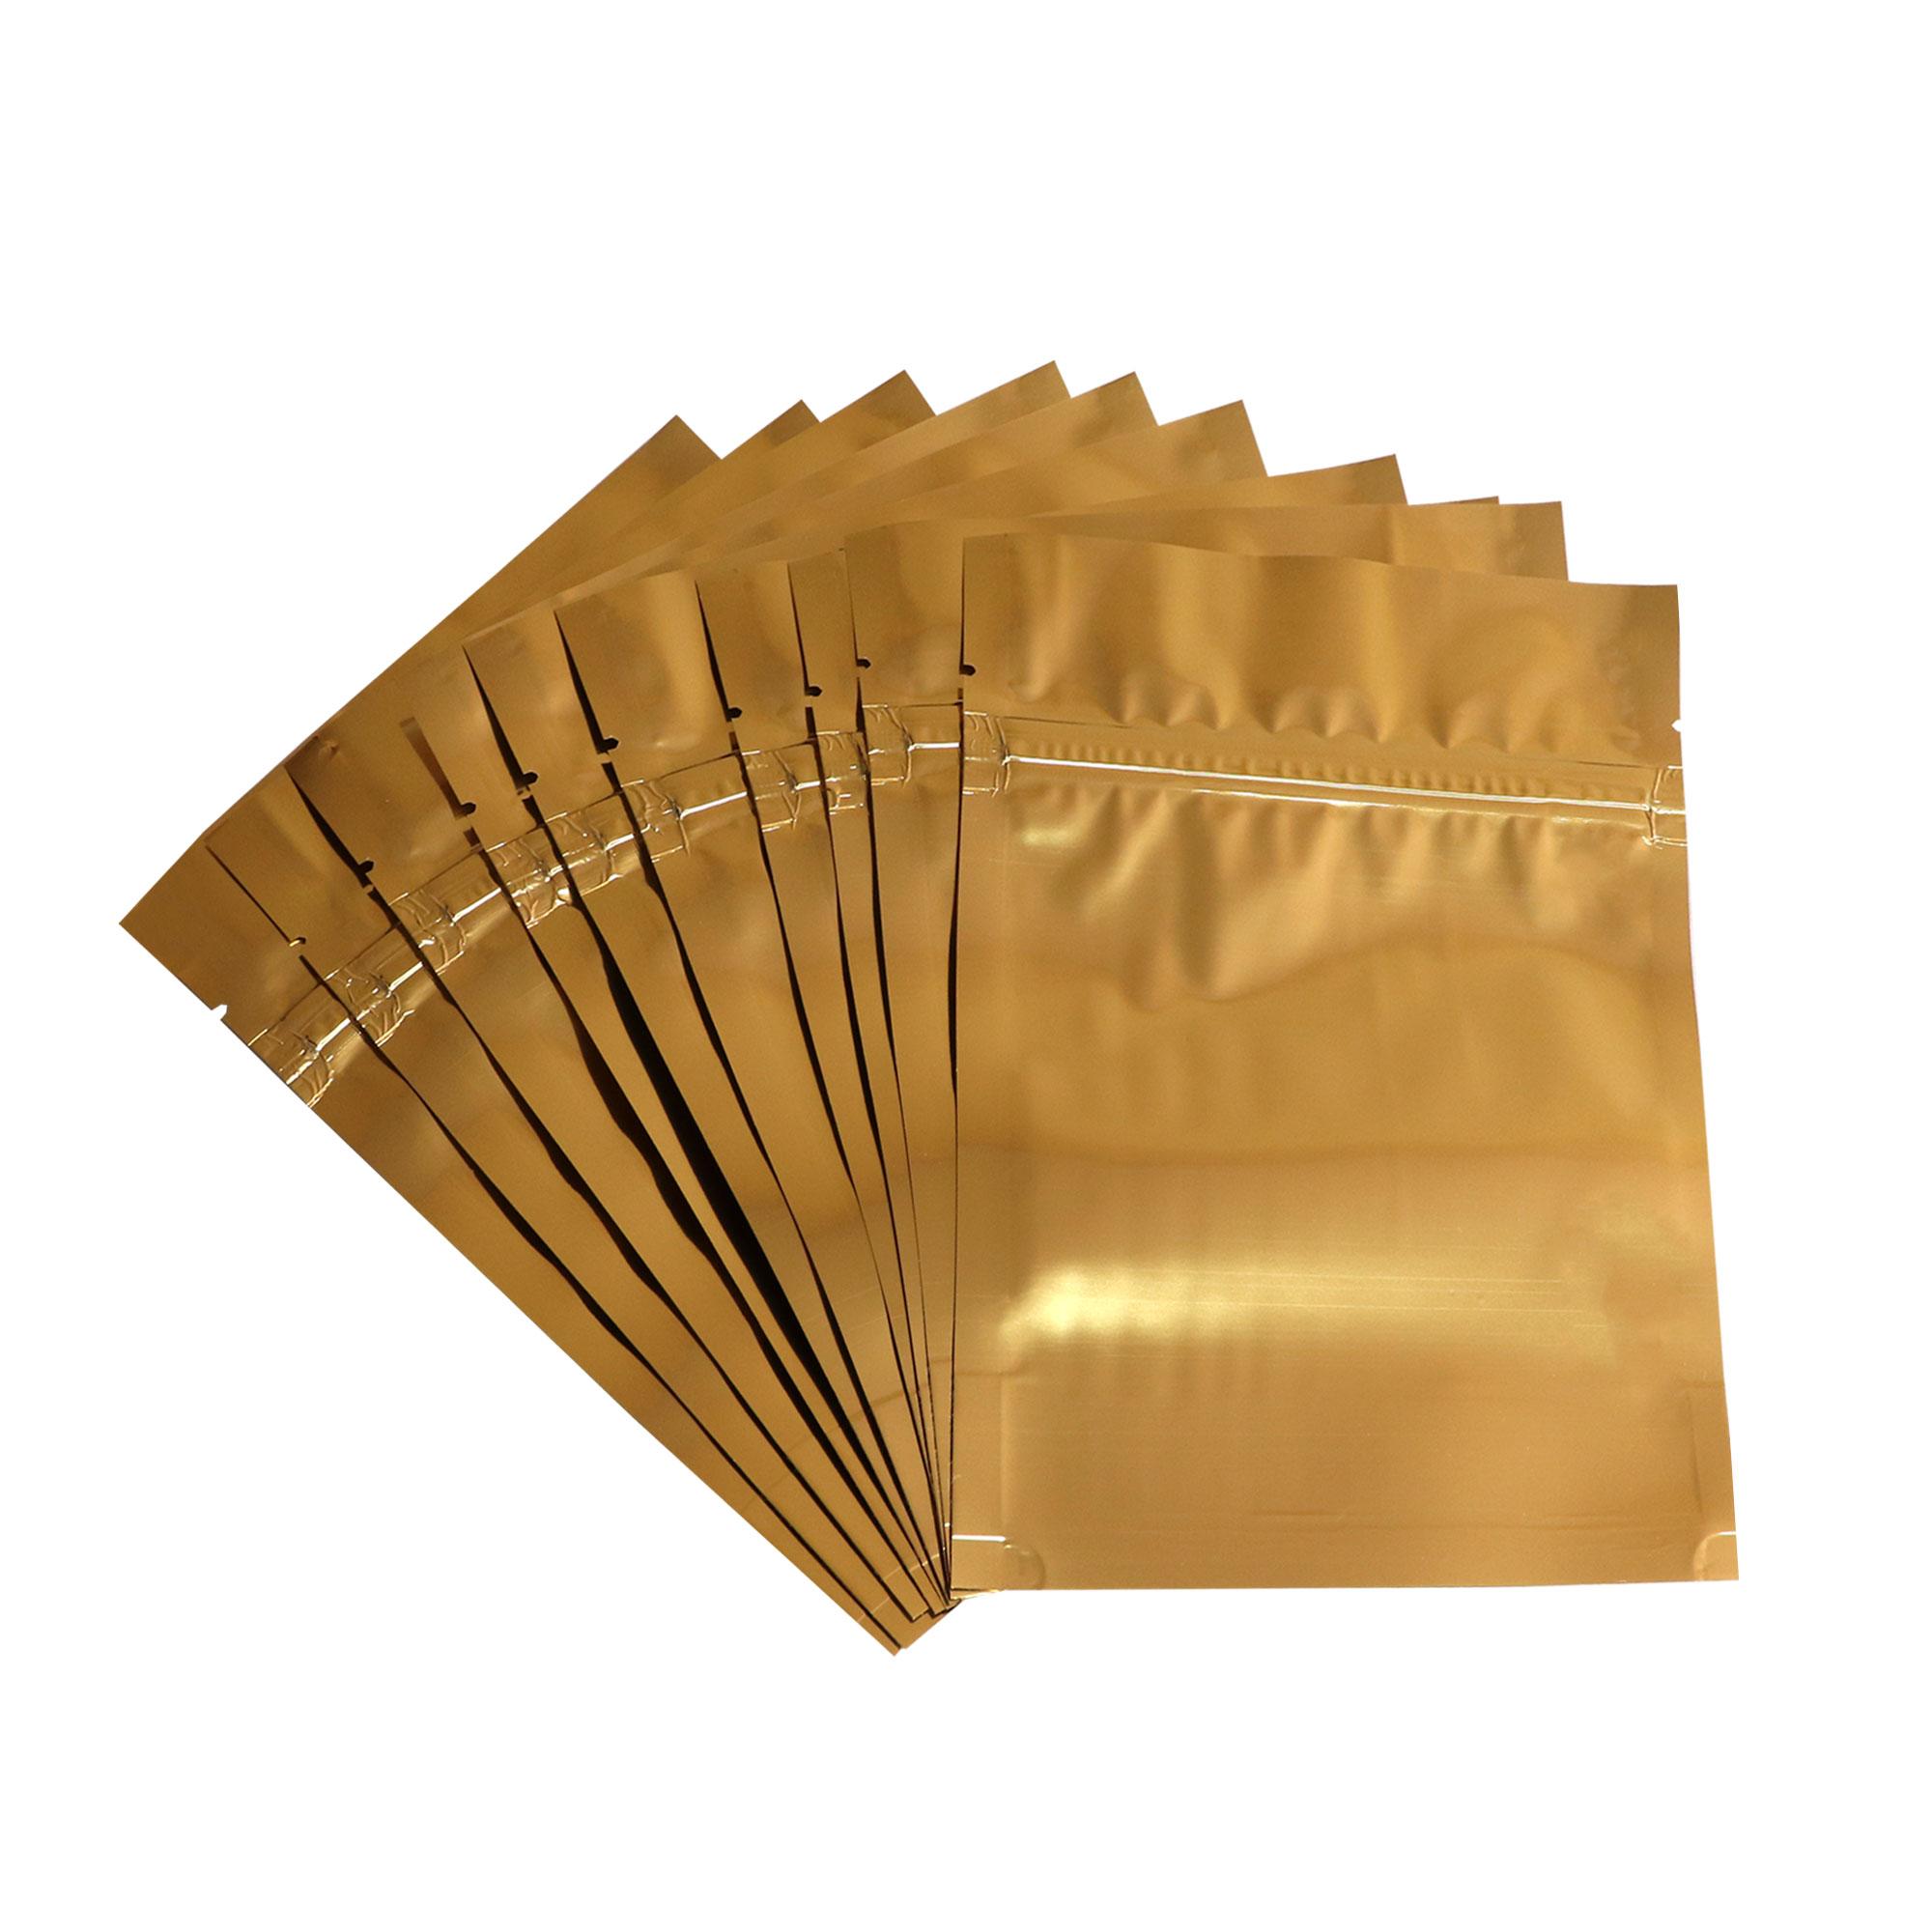 پاکت زیپ دار  پکزی مدل  PSTMOG0140190101OG  بسته 10 عددی